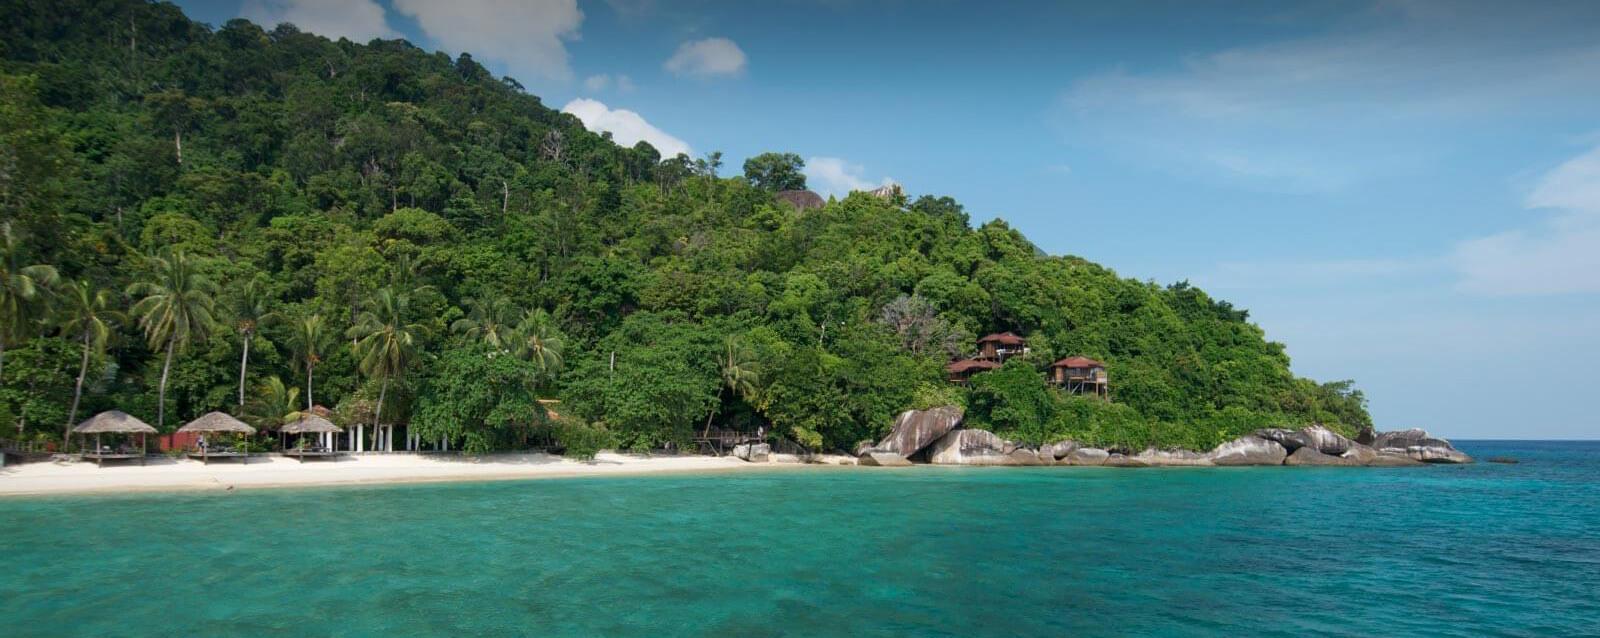 Tioman Island Journey Tour